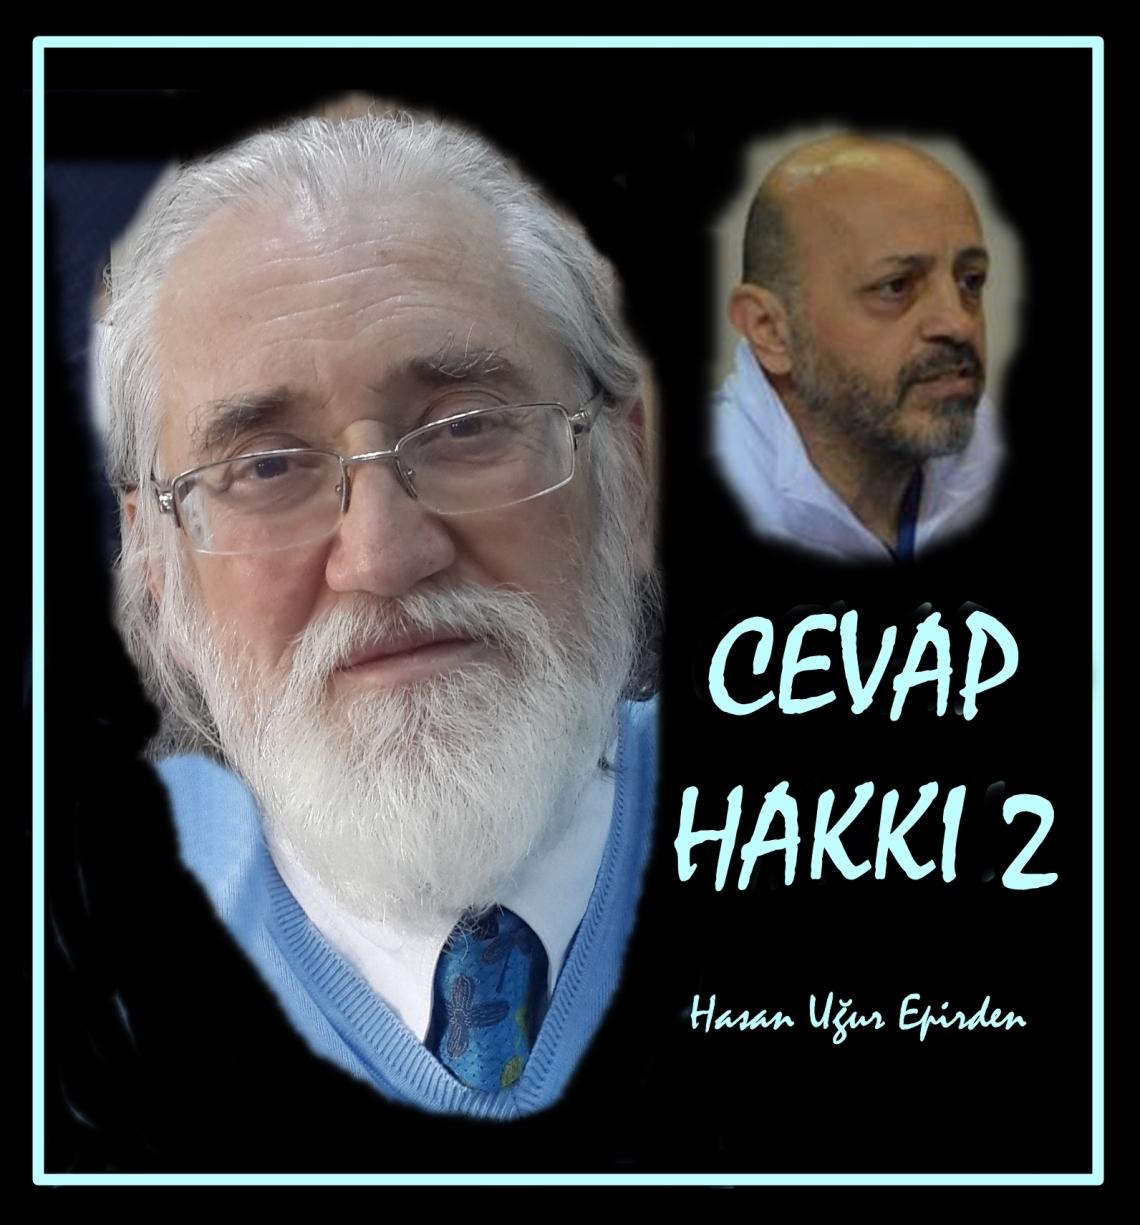 CEVAP HAKKI 2